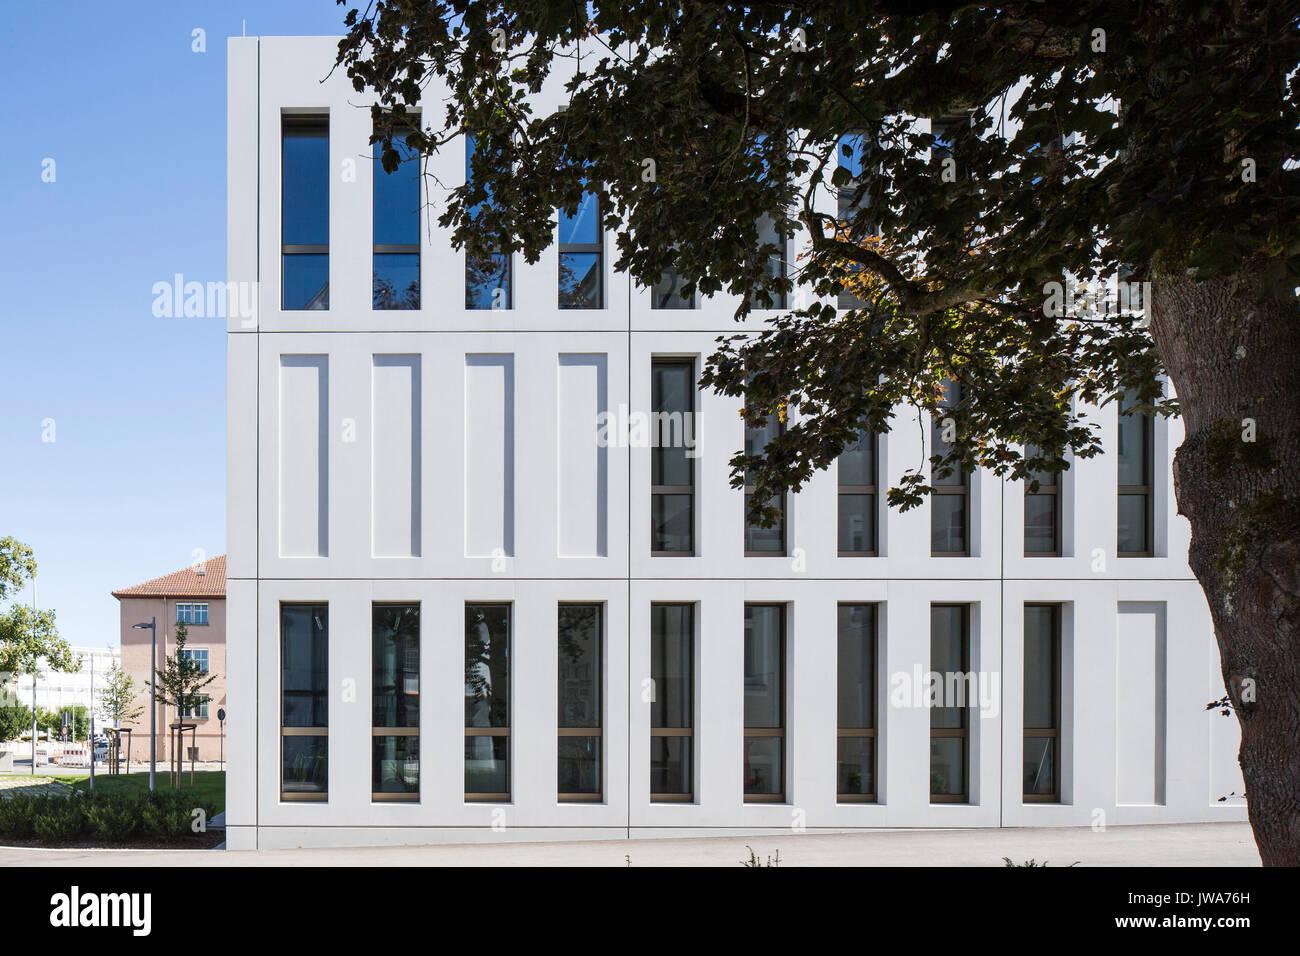 Architekten Biberach facade detail with fenestration finanzamt finance office biberach